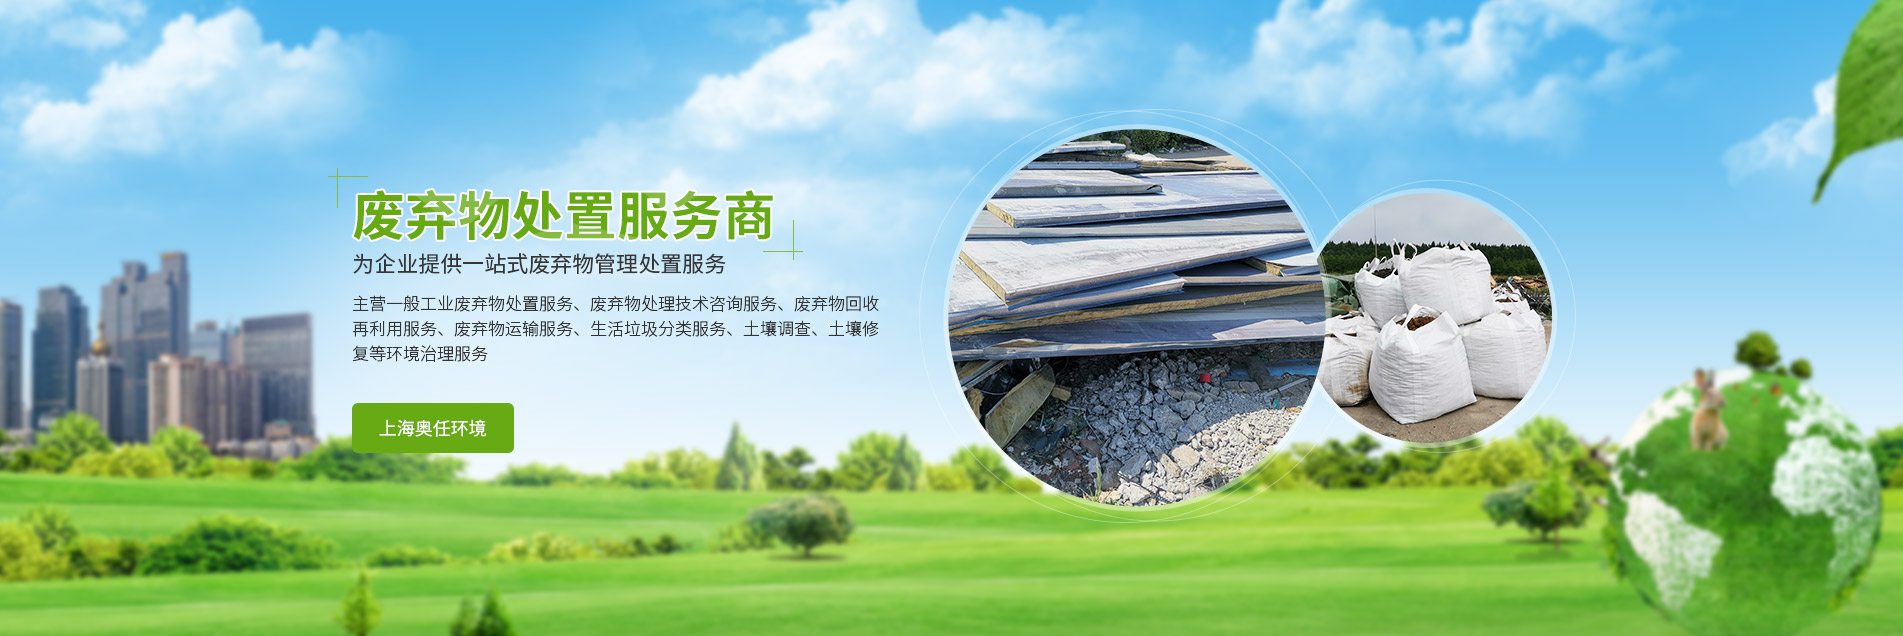 上海奥任环境千赢官方网站有限公司